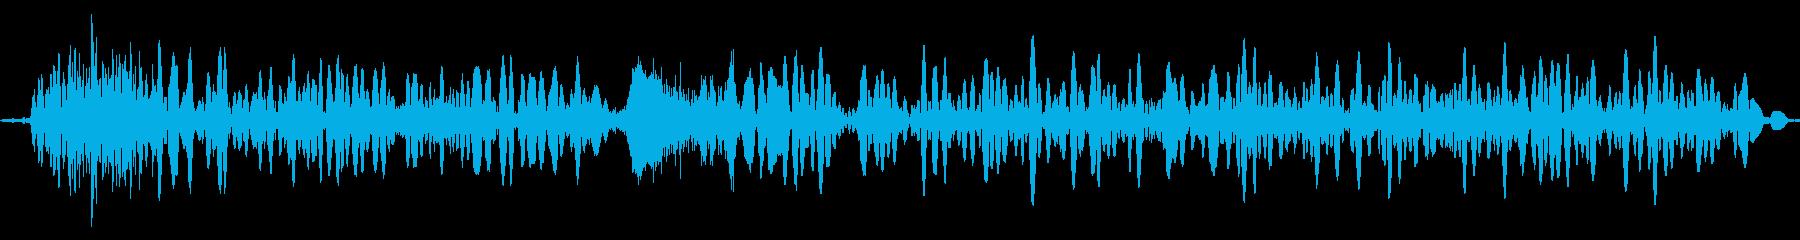 カエル モンスター ゲーム 考え中の再生済みの波形